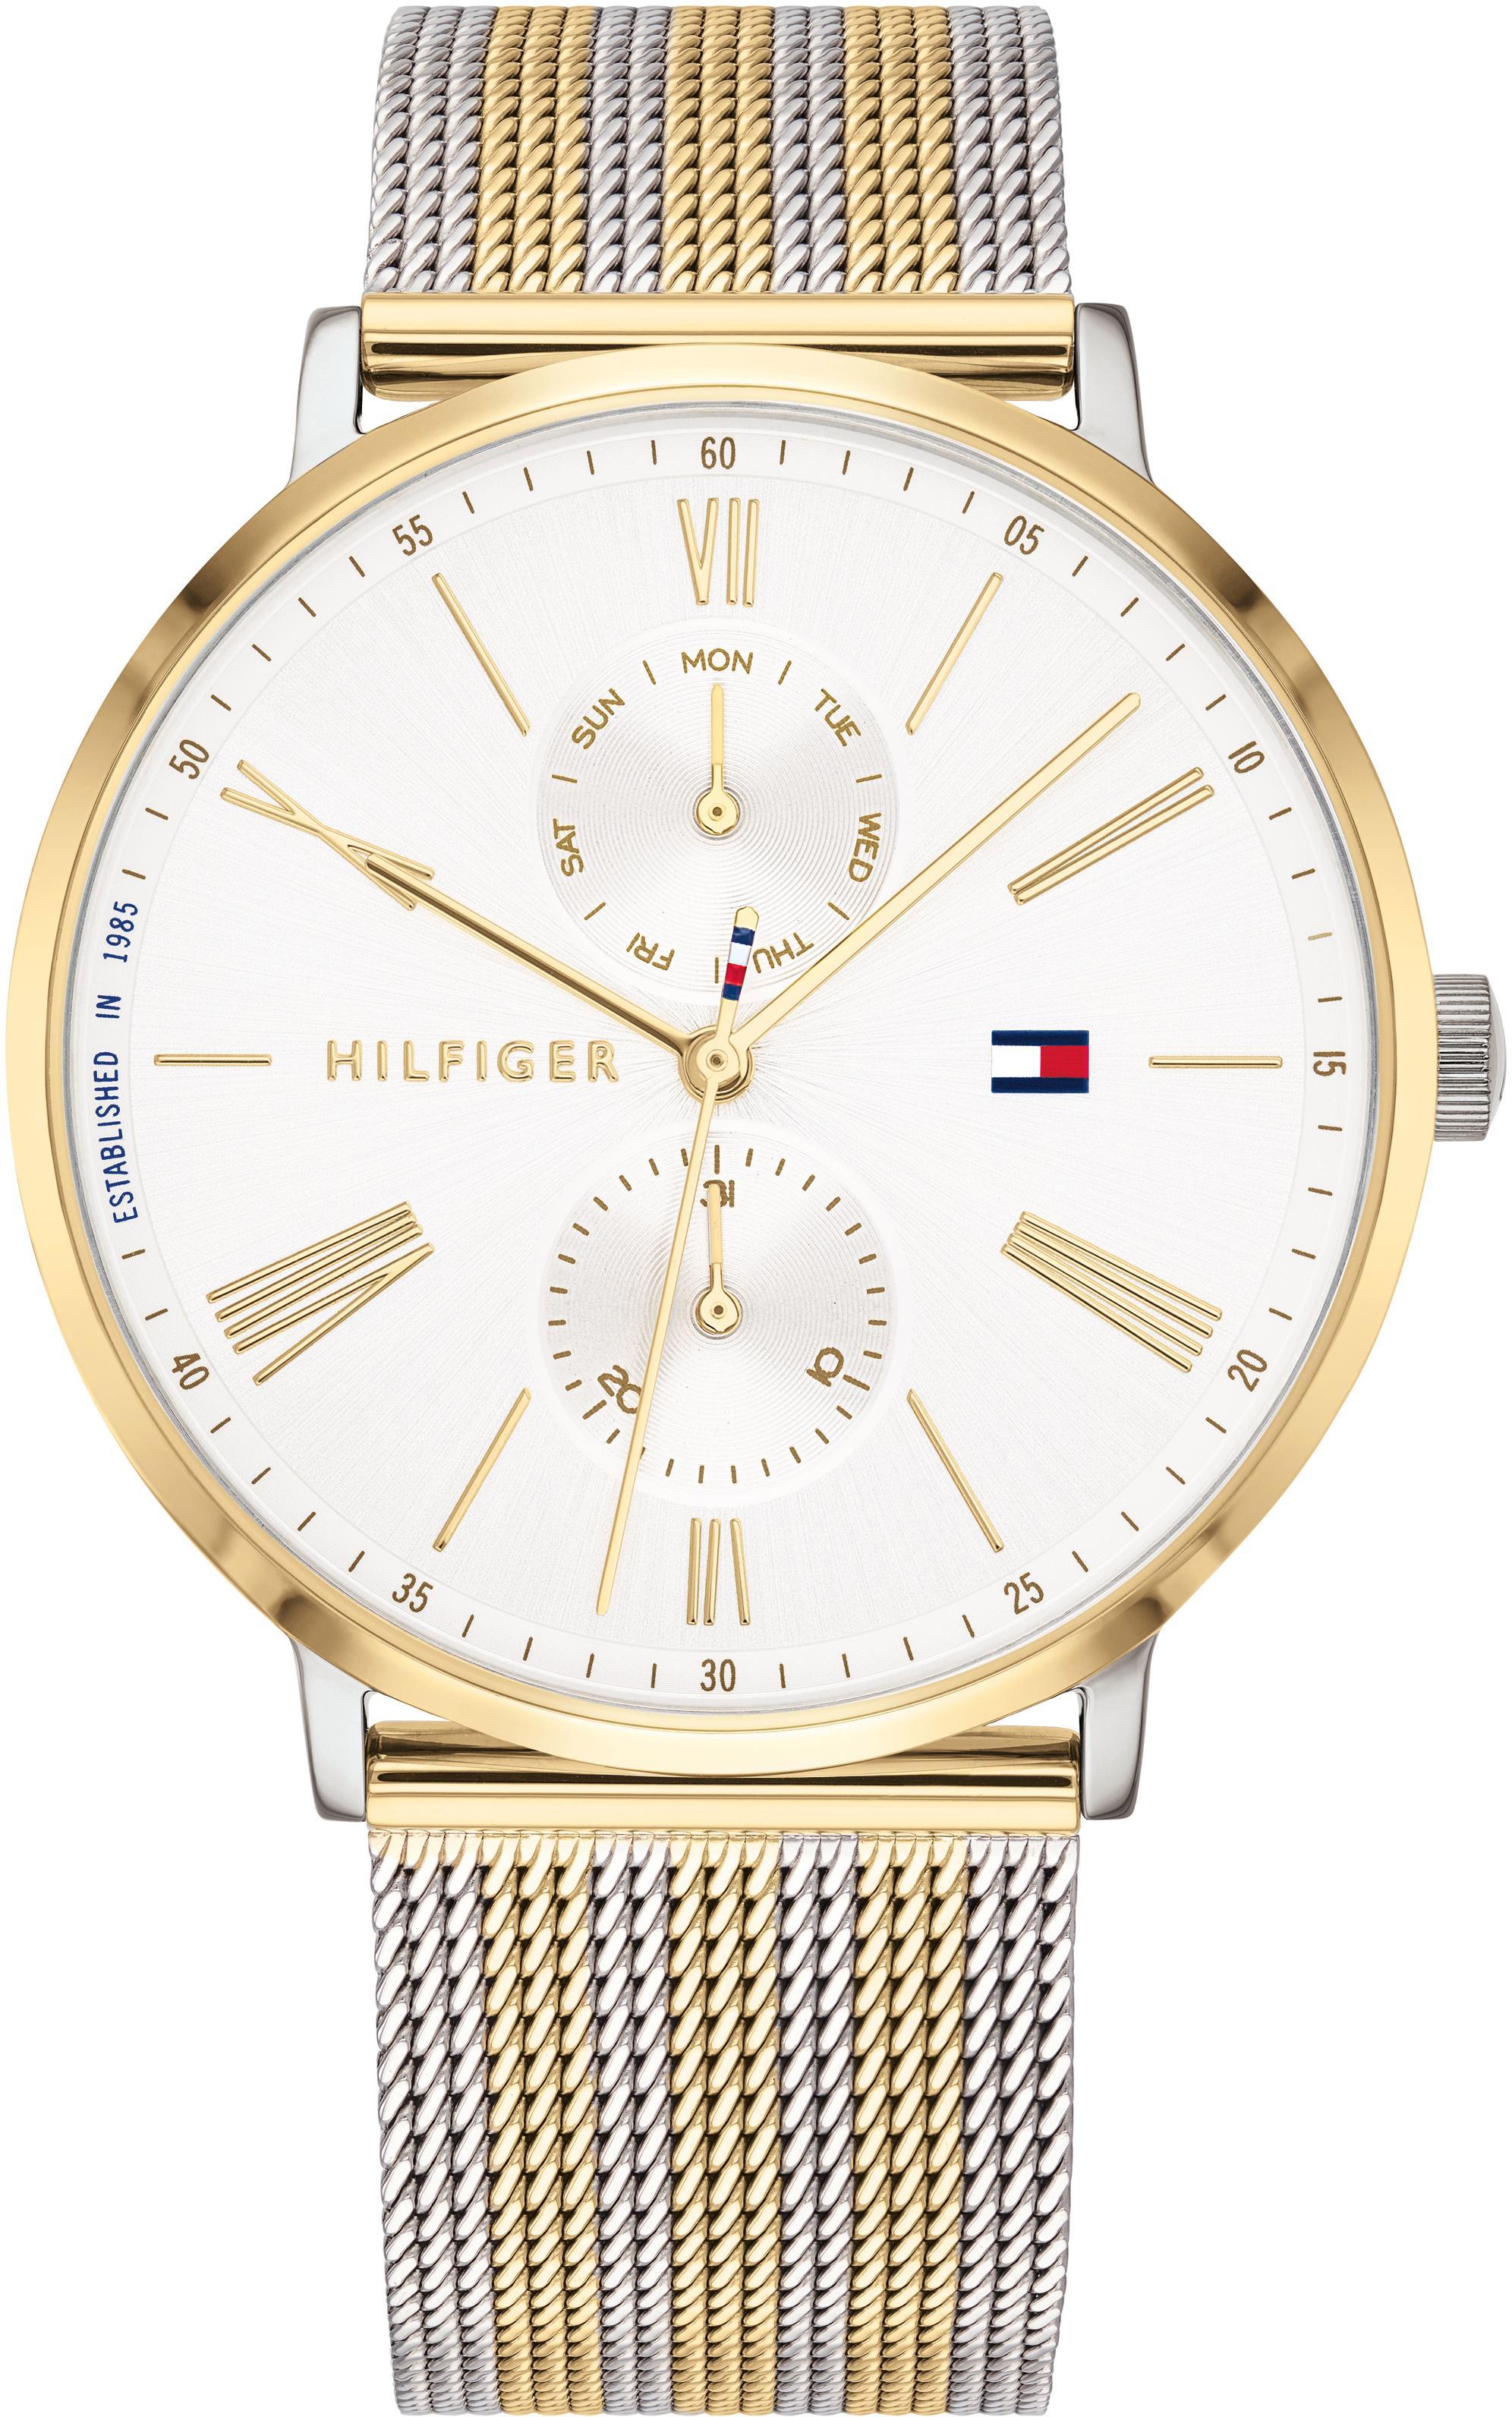 TOMMY HILFIGER Multifunktionsuhr Dressed Up, 1782074   Uhren > Multifunktionsuhren   Tommy Hilfiger